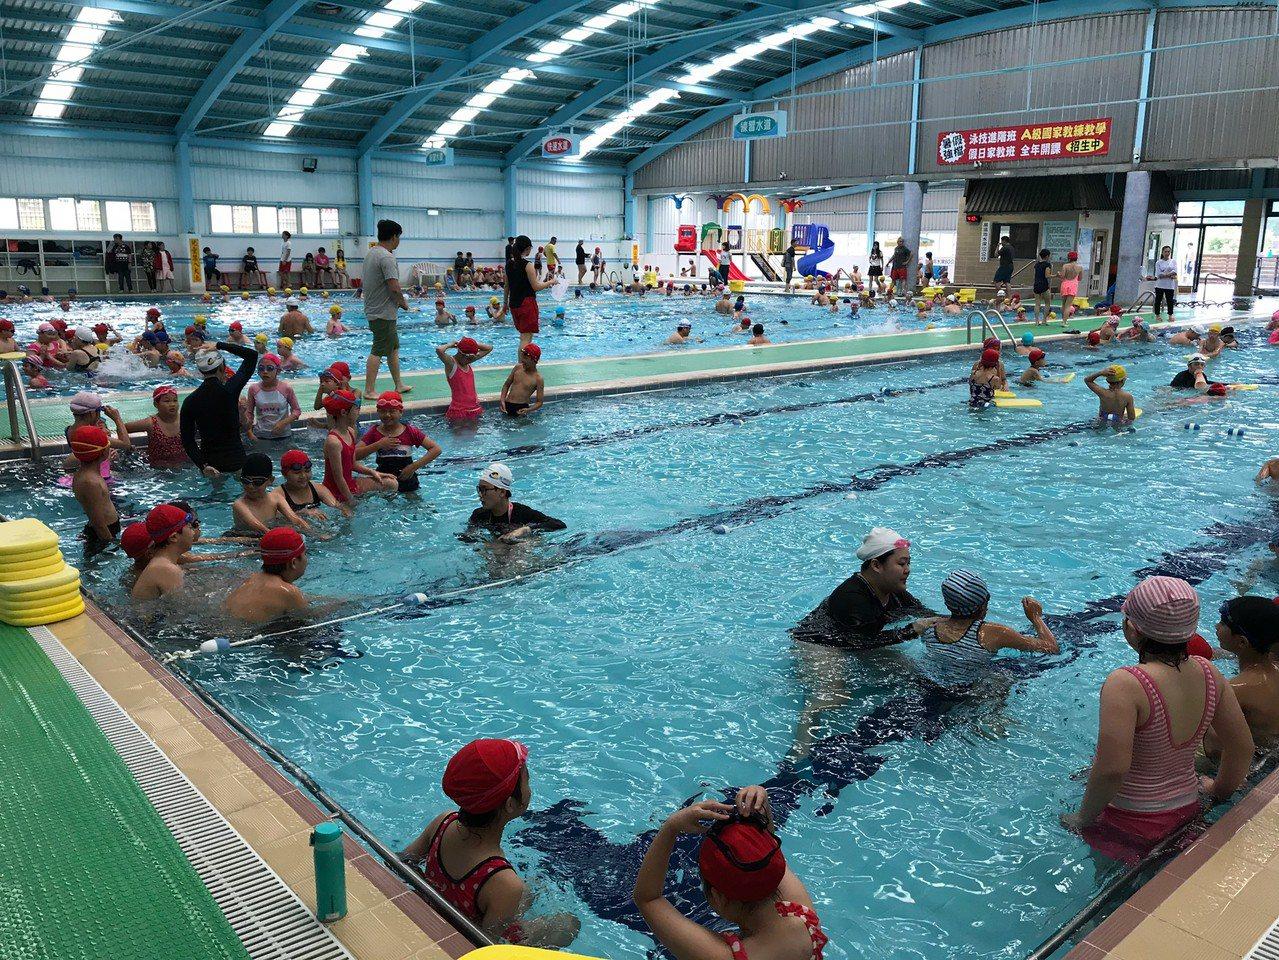 桃園市政府每年針對市內公私立游泳池做稽查,近3年抽查雖不合格率有在下降,但今年仍...